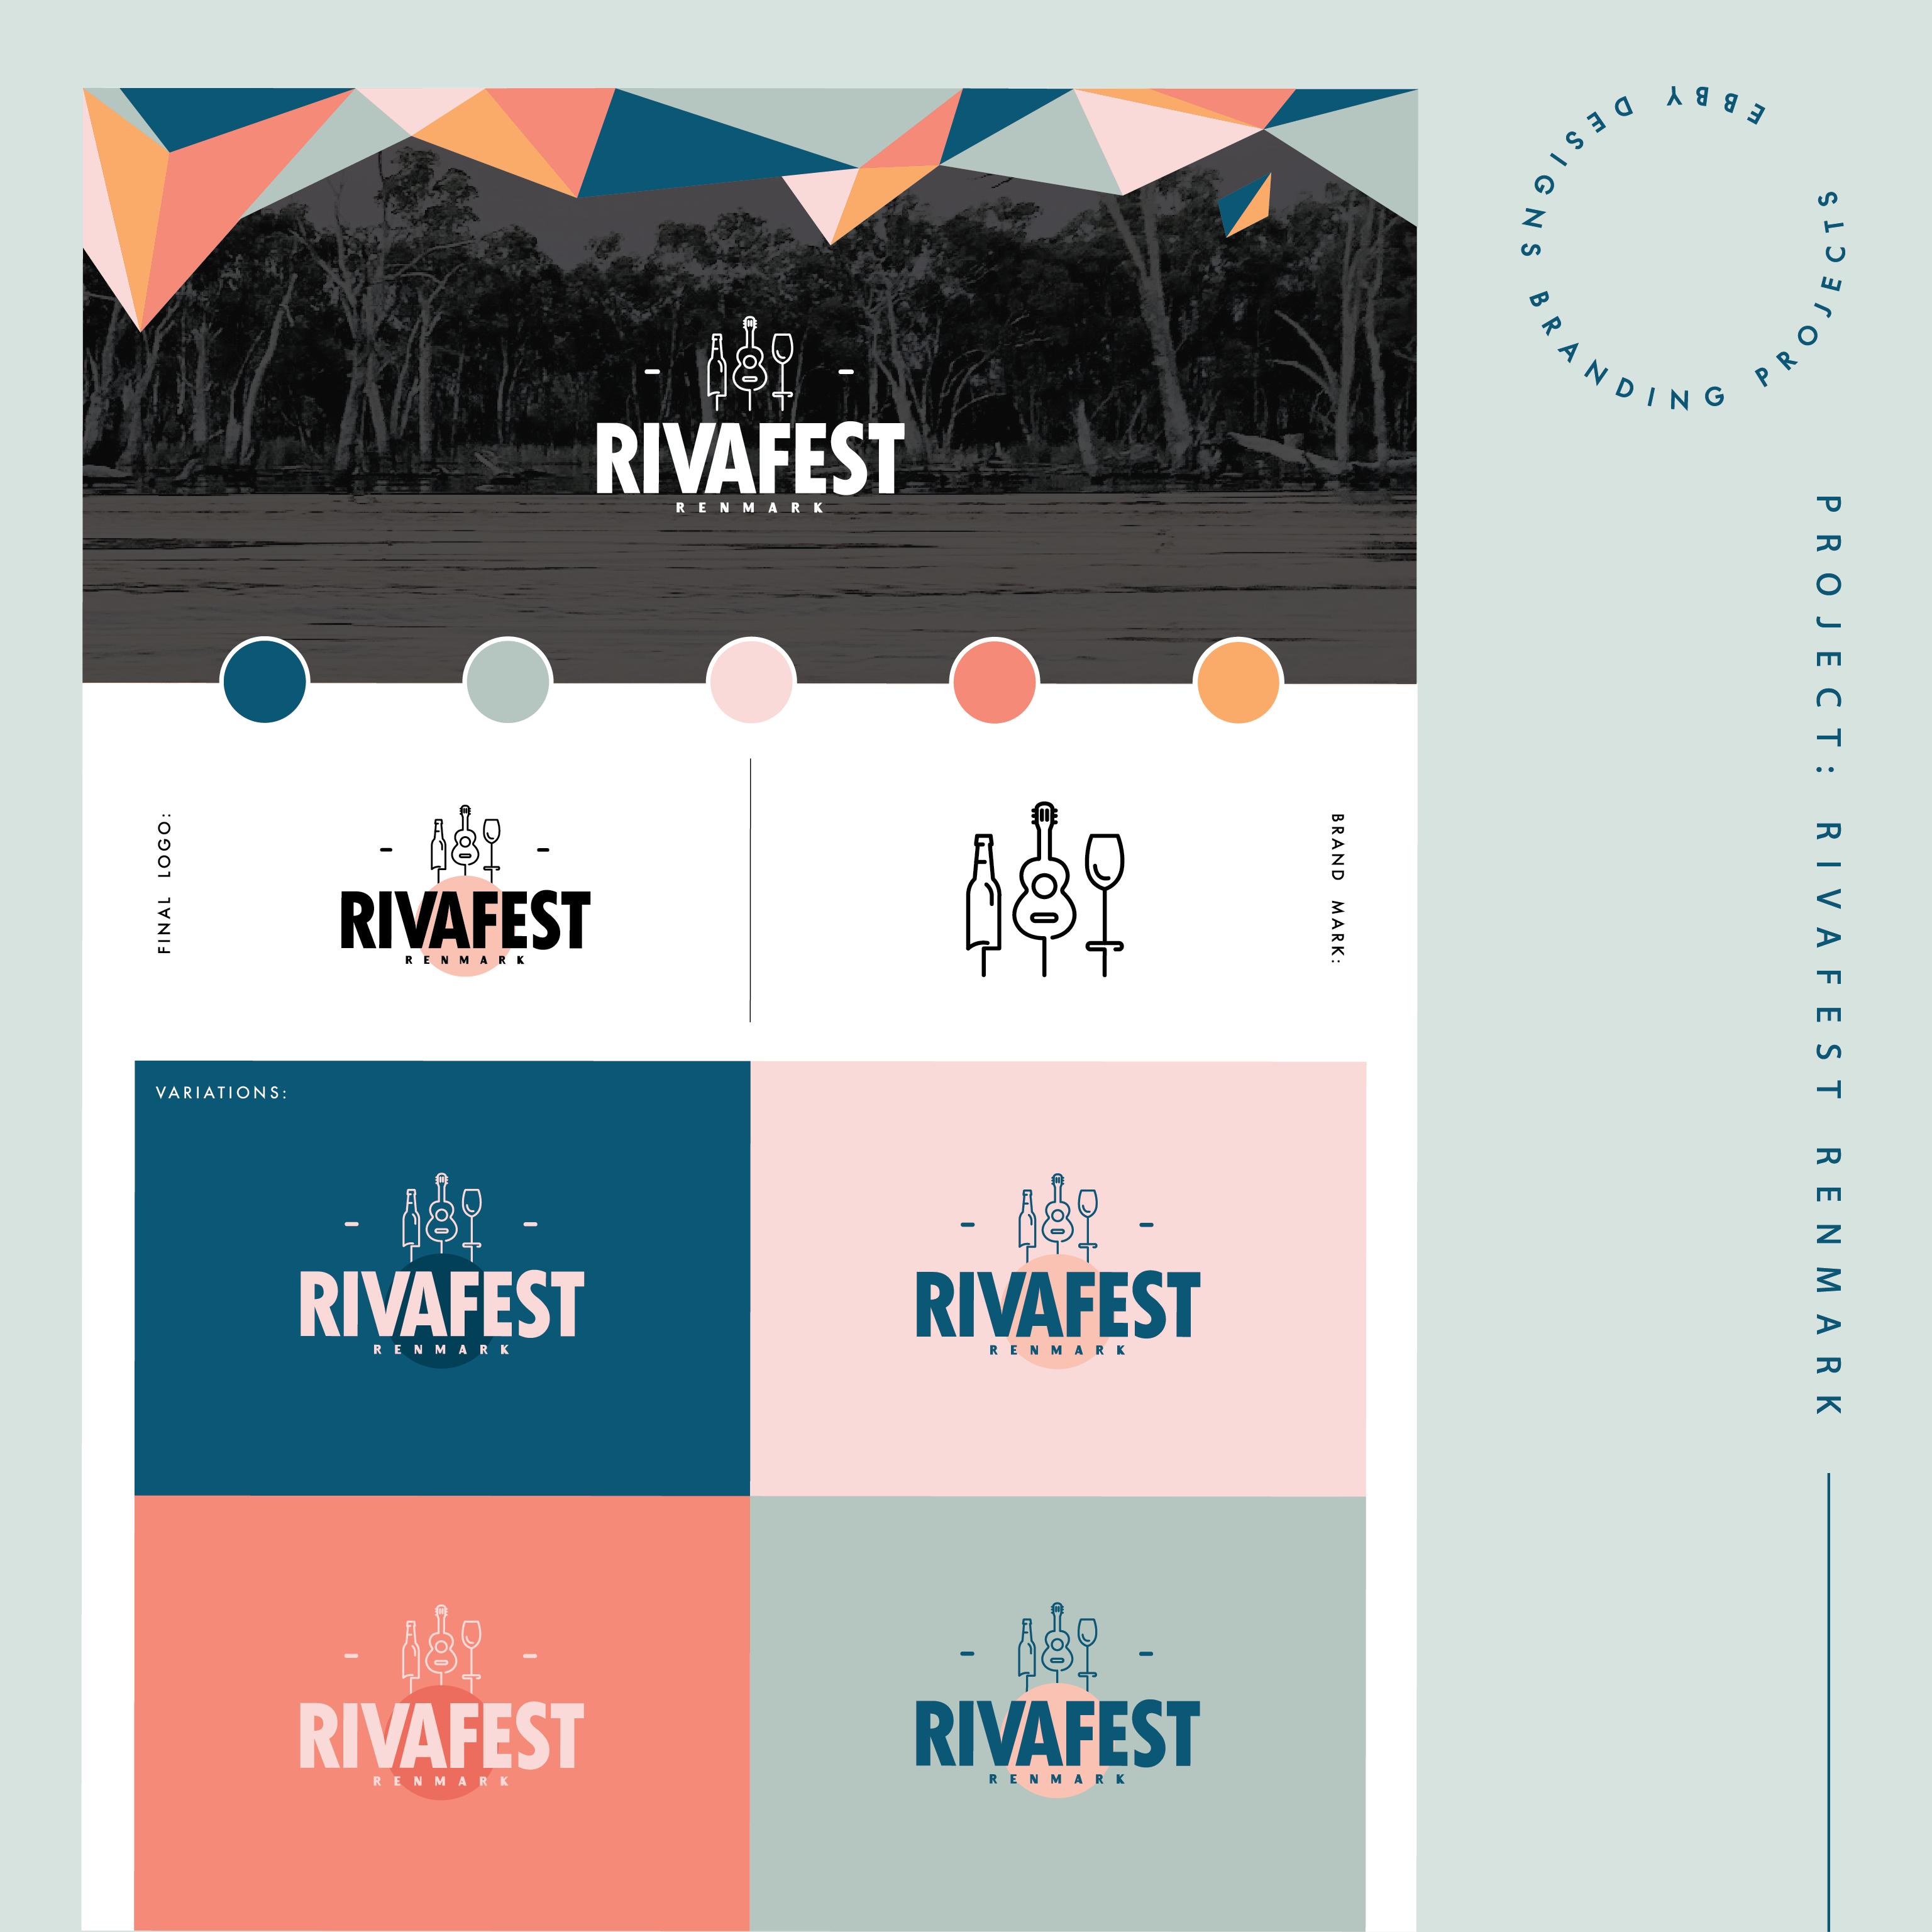 Rivafest Renmark By Ebby In 2020 Web Design Studio Brand Identity Design Branding Design